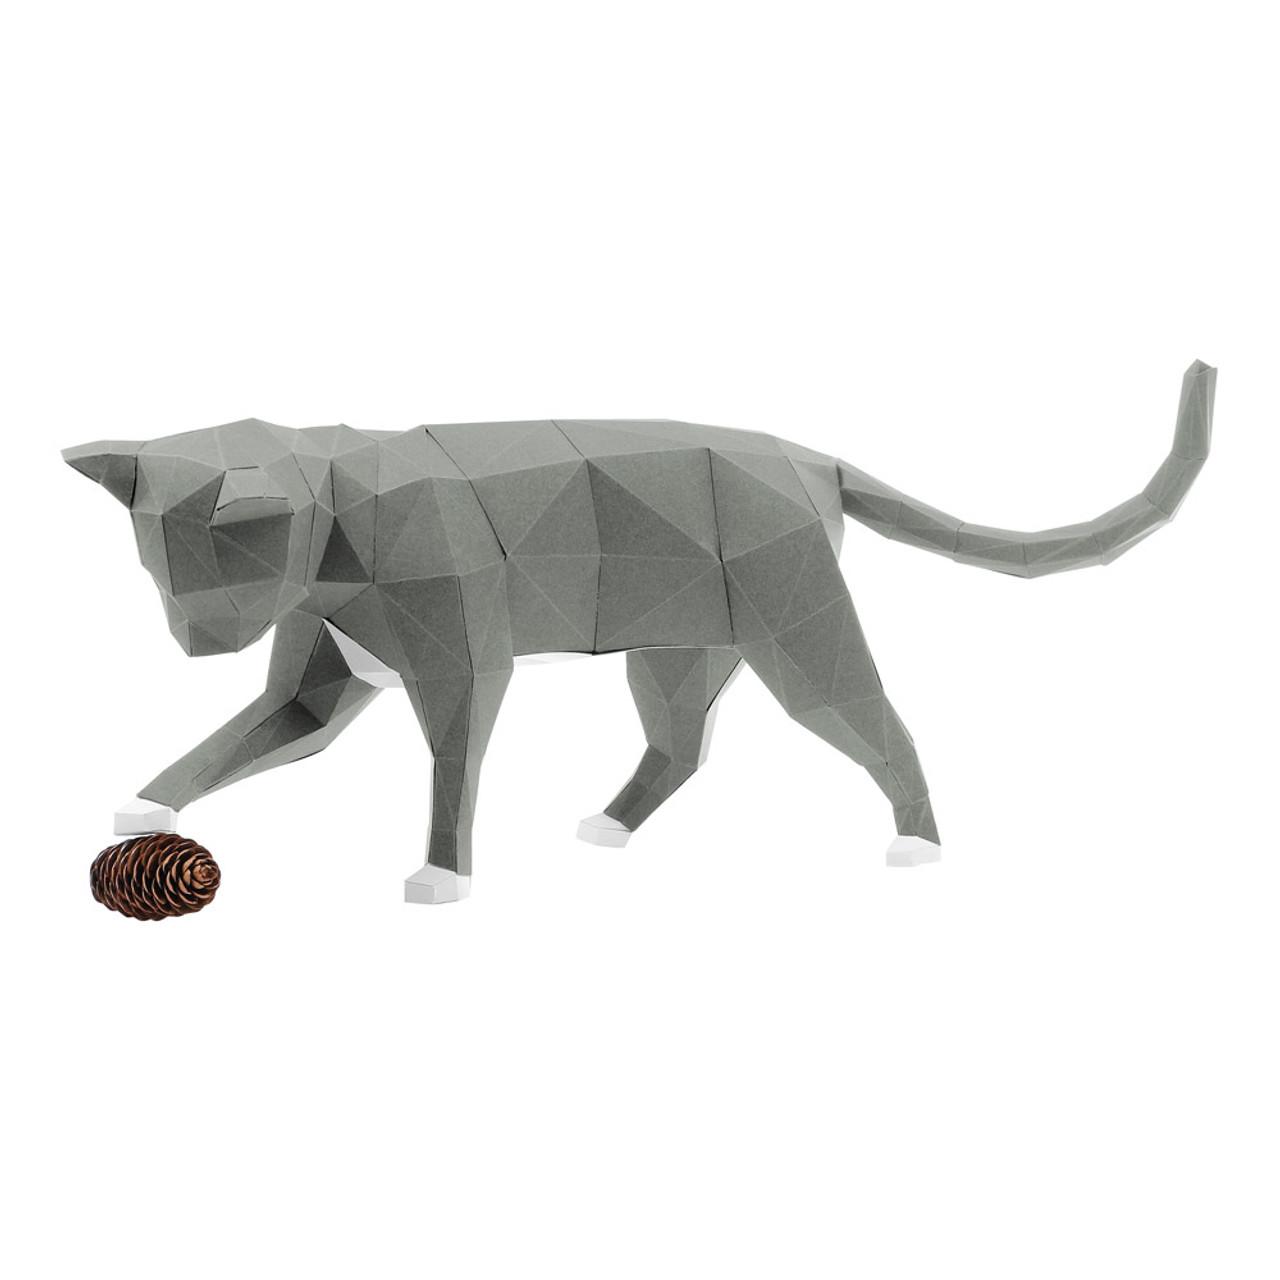 DIY Paper Art Craft Neko Cat Polygon Model ( Left Side View )